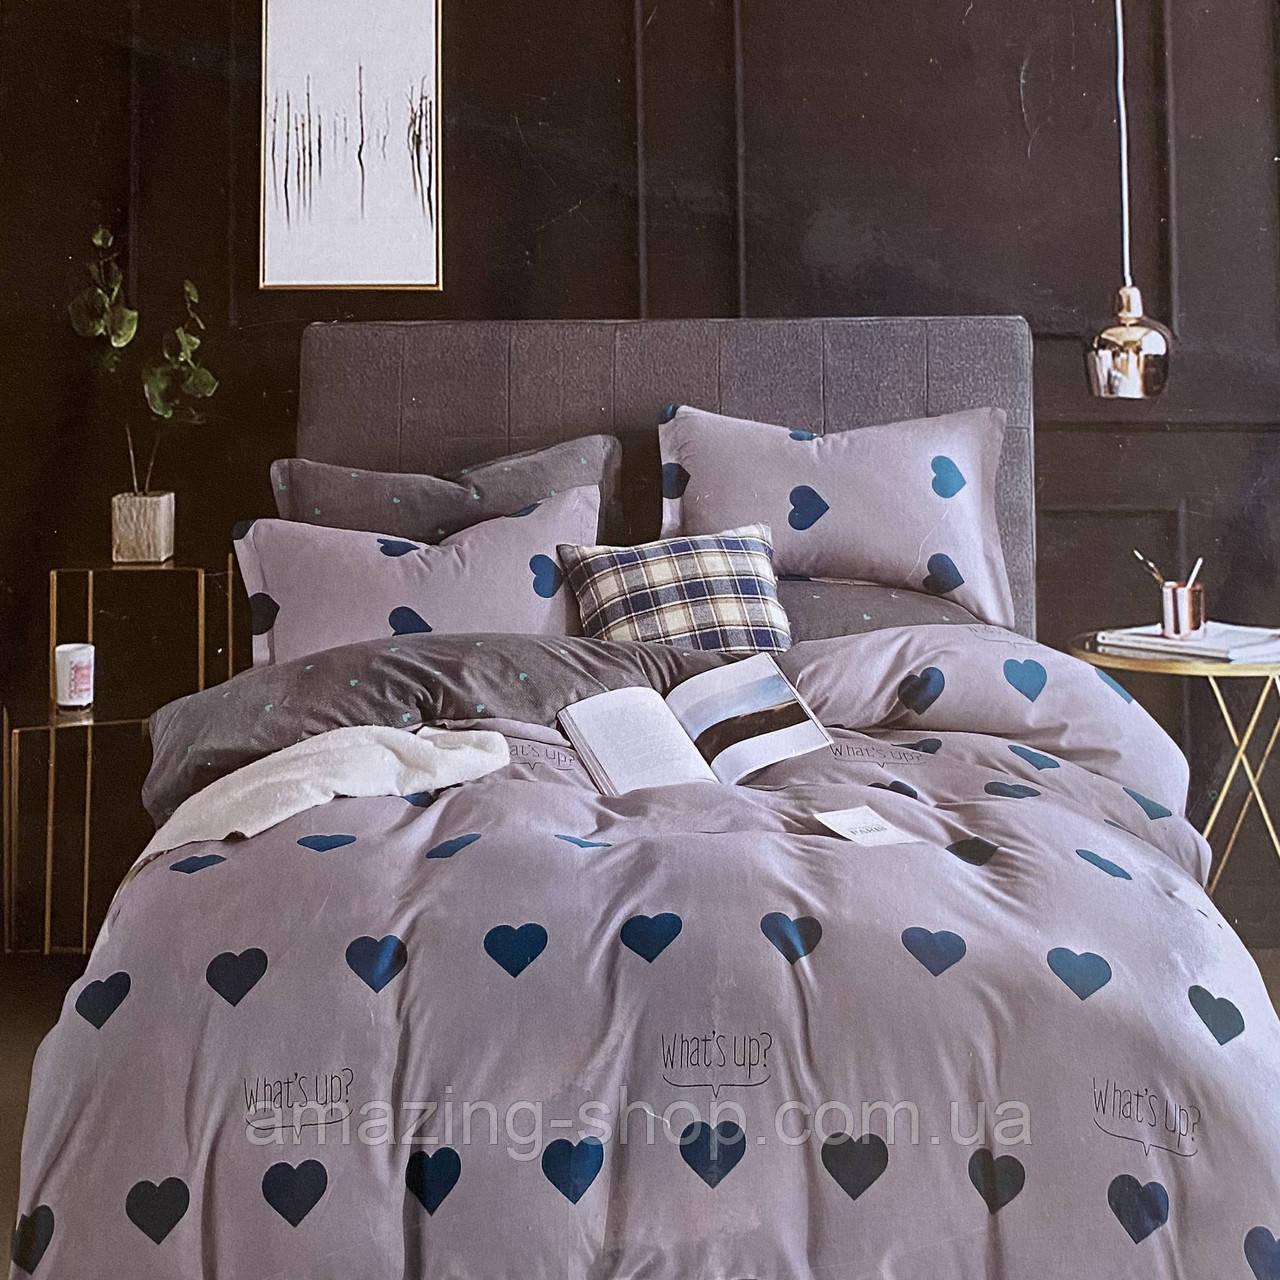 Полуторный комплект постельного белья с простынью на резинке 150*220см. Постельное белье с фланели